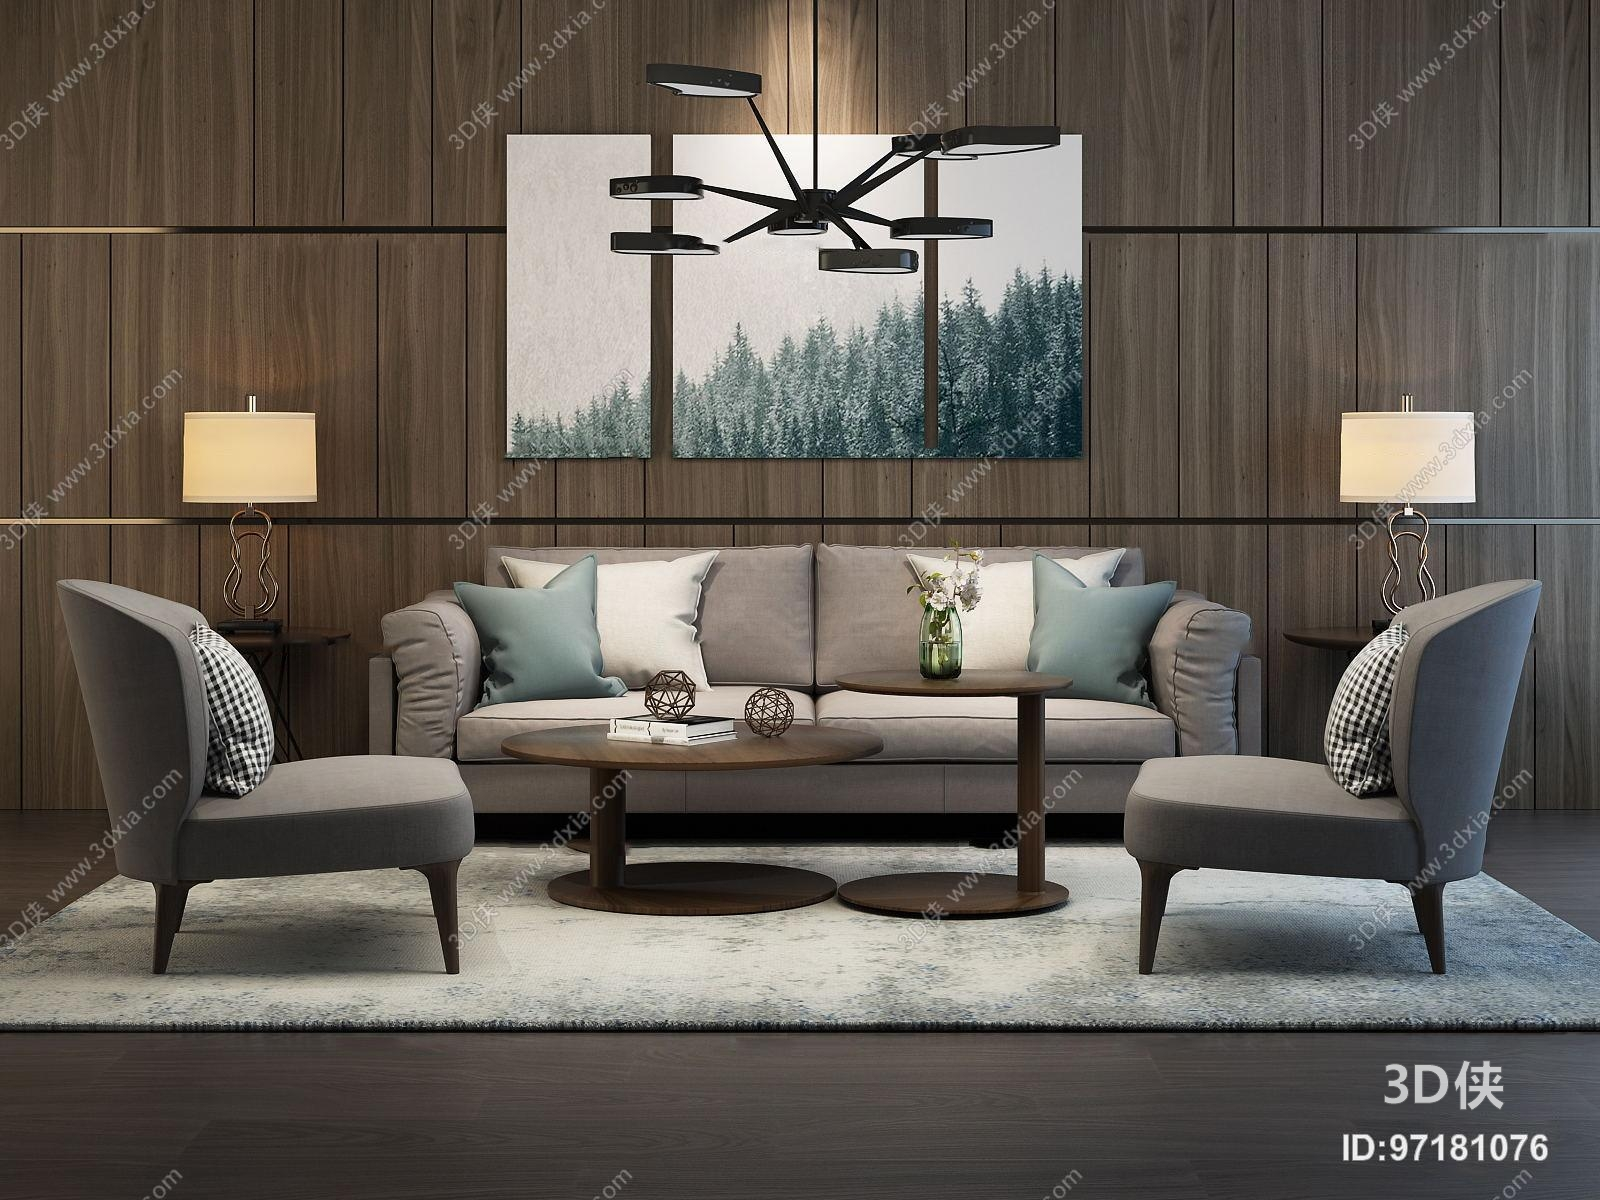 效果图素材免费下载,本作品主题是后现代布艺沙发茶几单椅组合3d模型